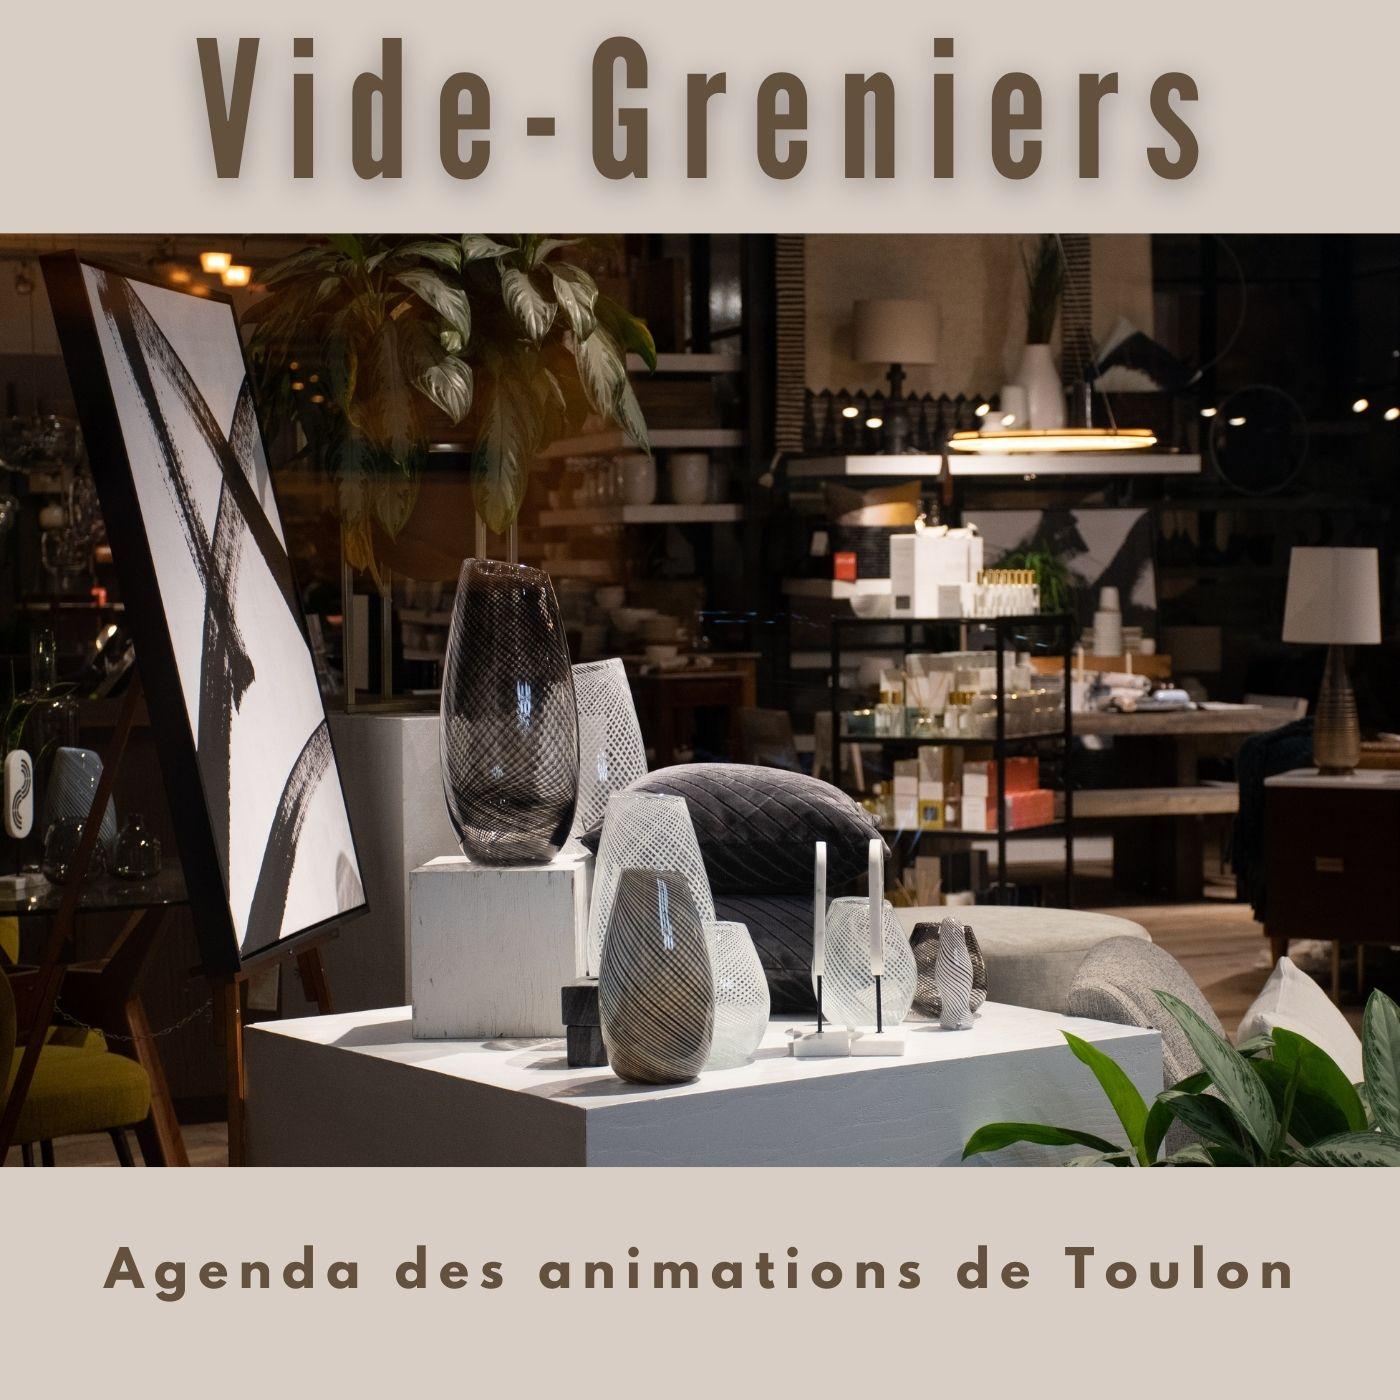 Picto Vide-greniers